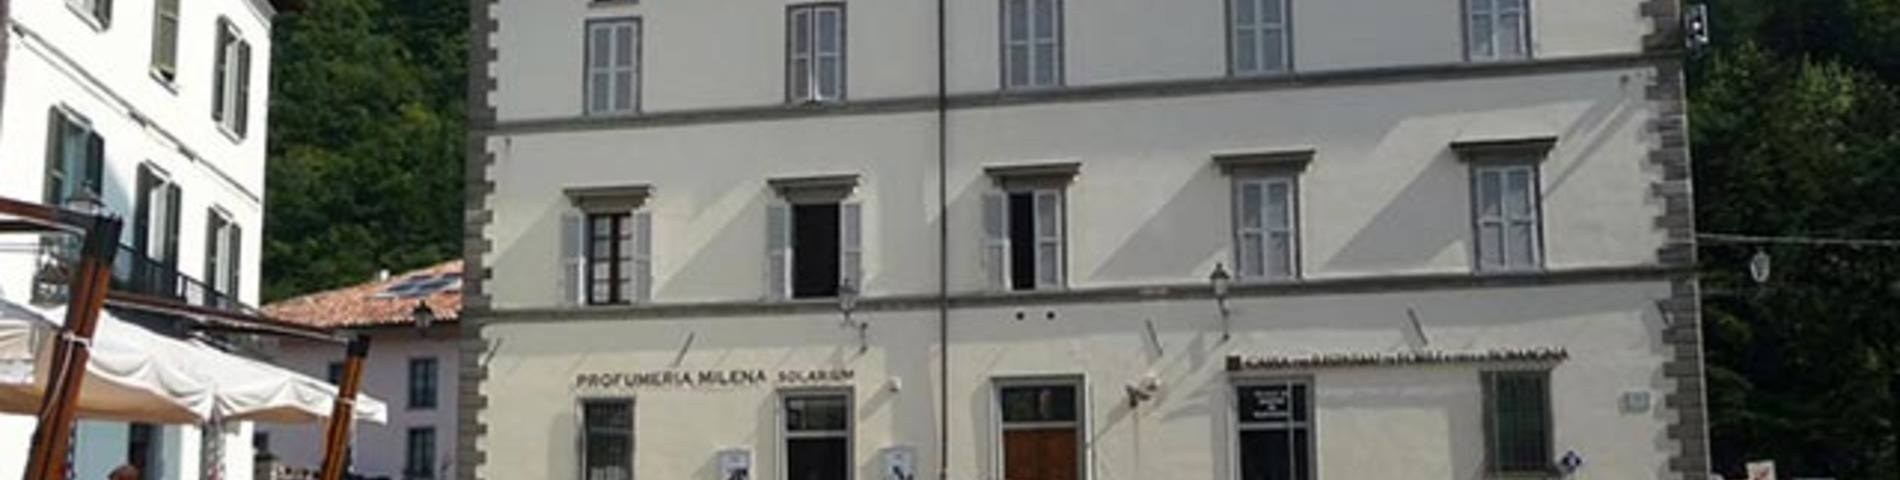 Scuola palazzo malvisi bagno di romagna recenze - Palazzo turchi di bagno ...